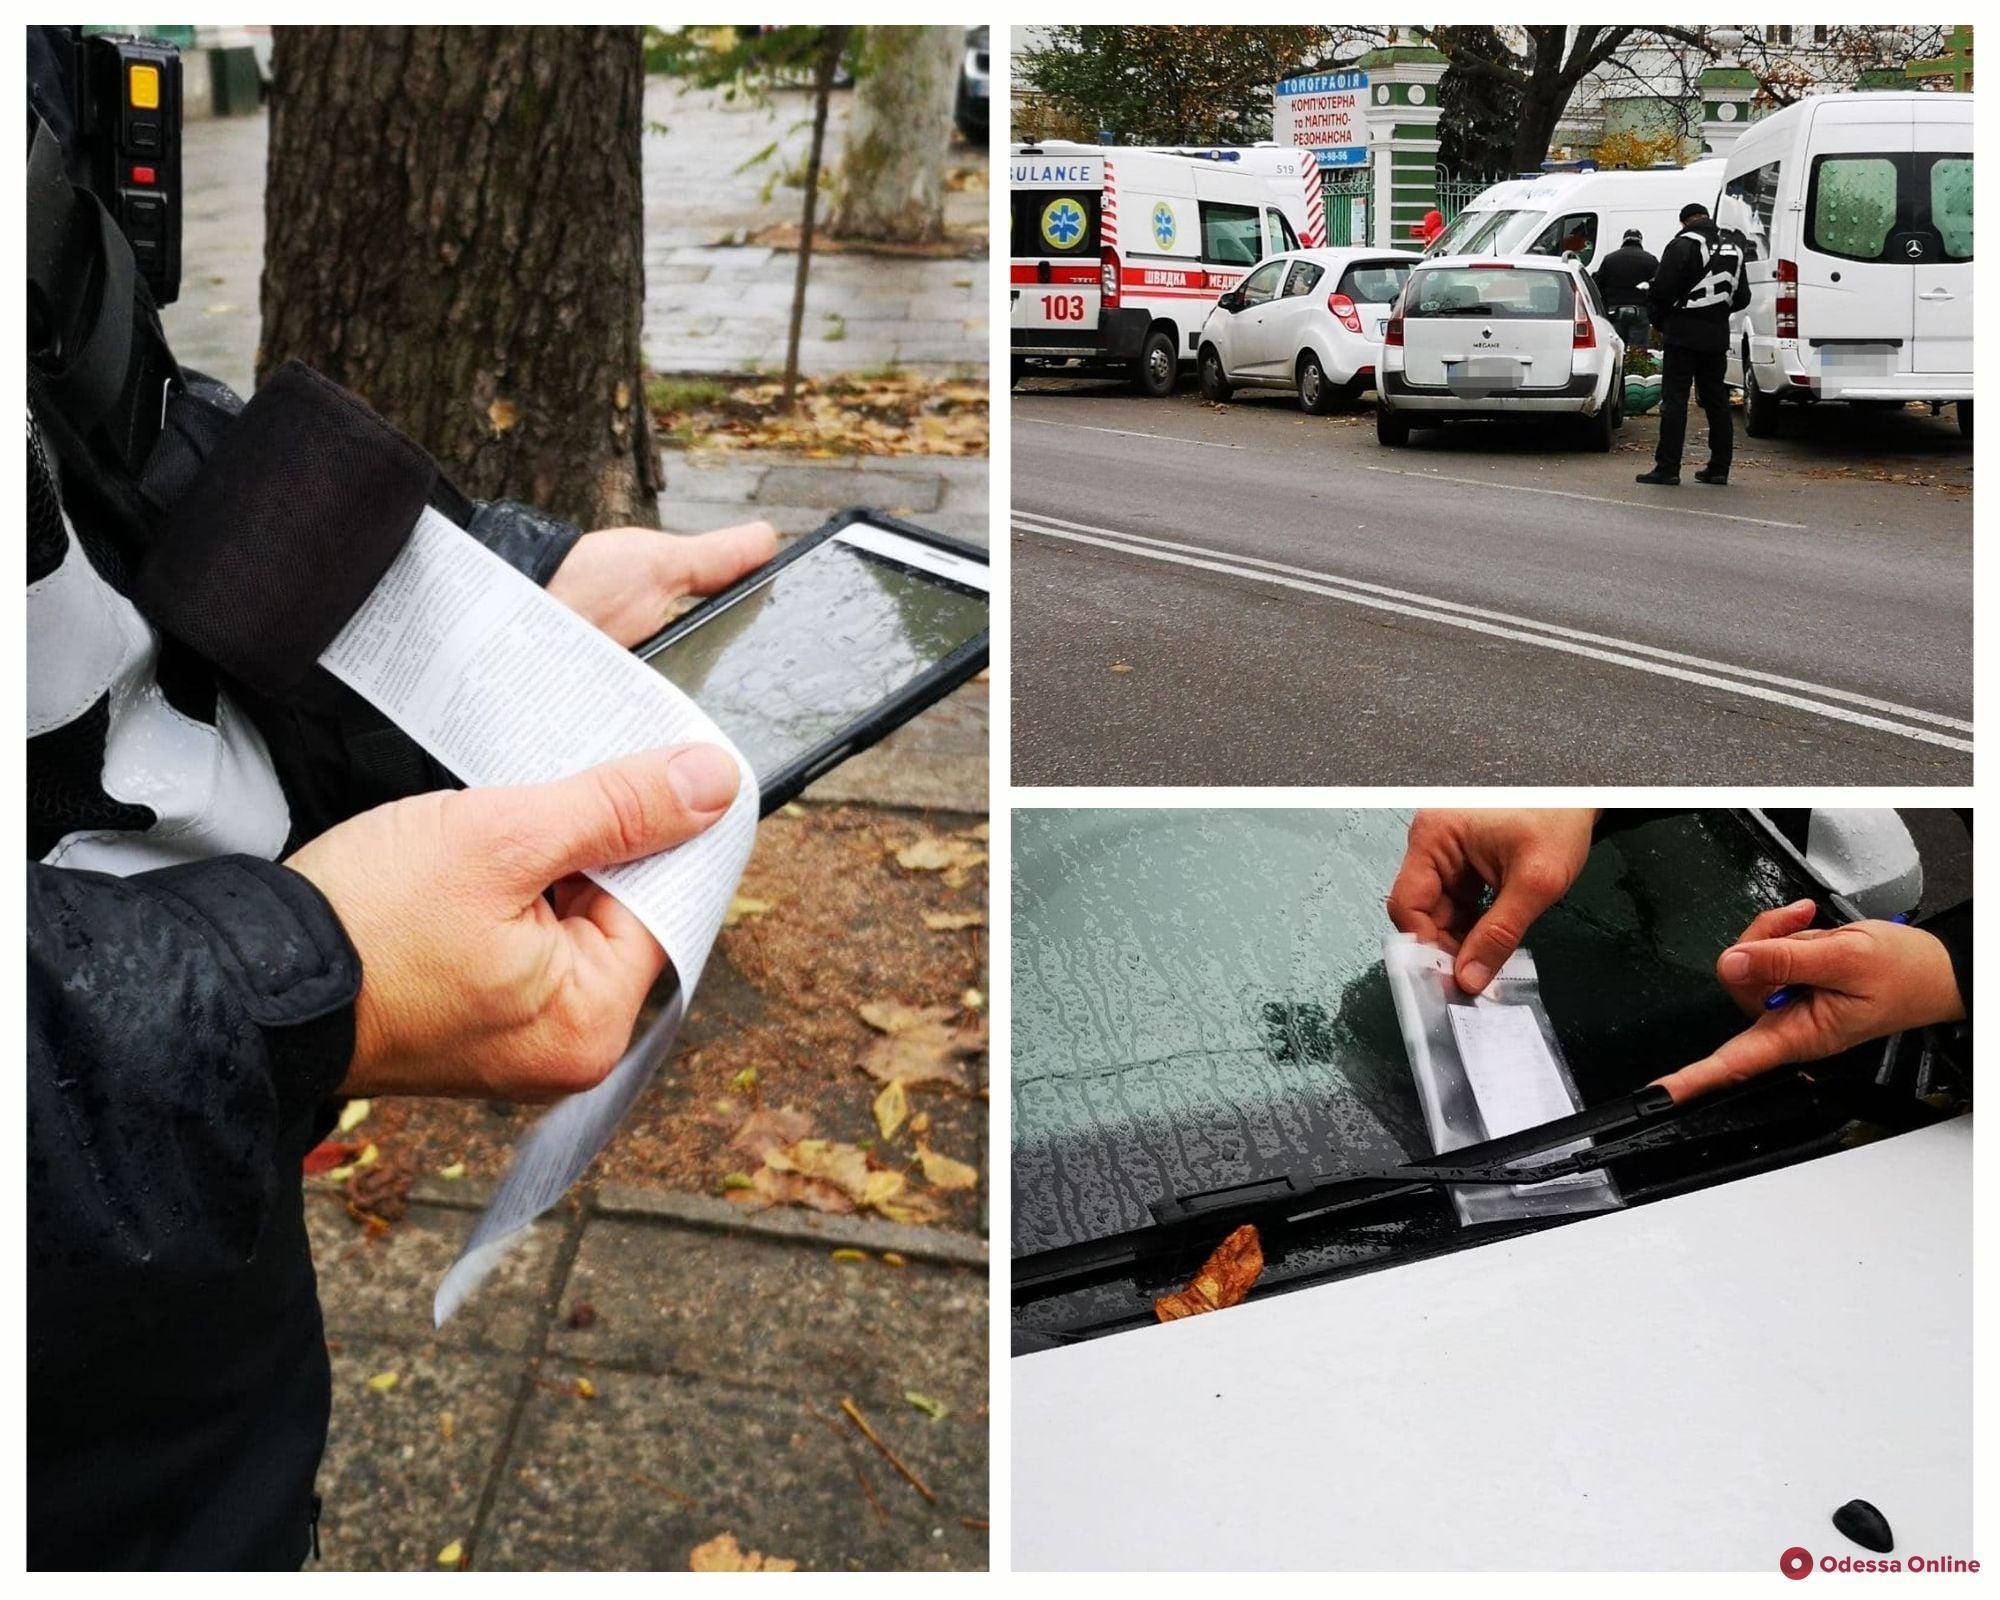 Возле больницы на Троицкой устроили рейд из-за парковки автохамов на местах для карет скорой помощи